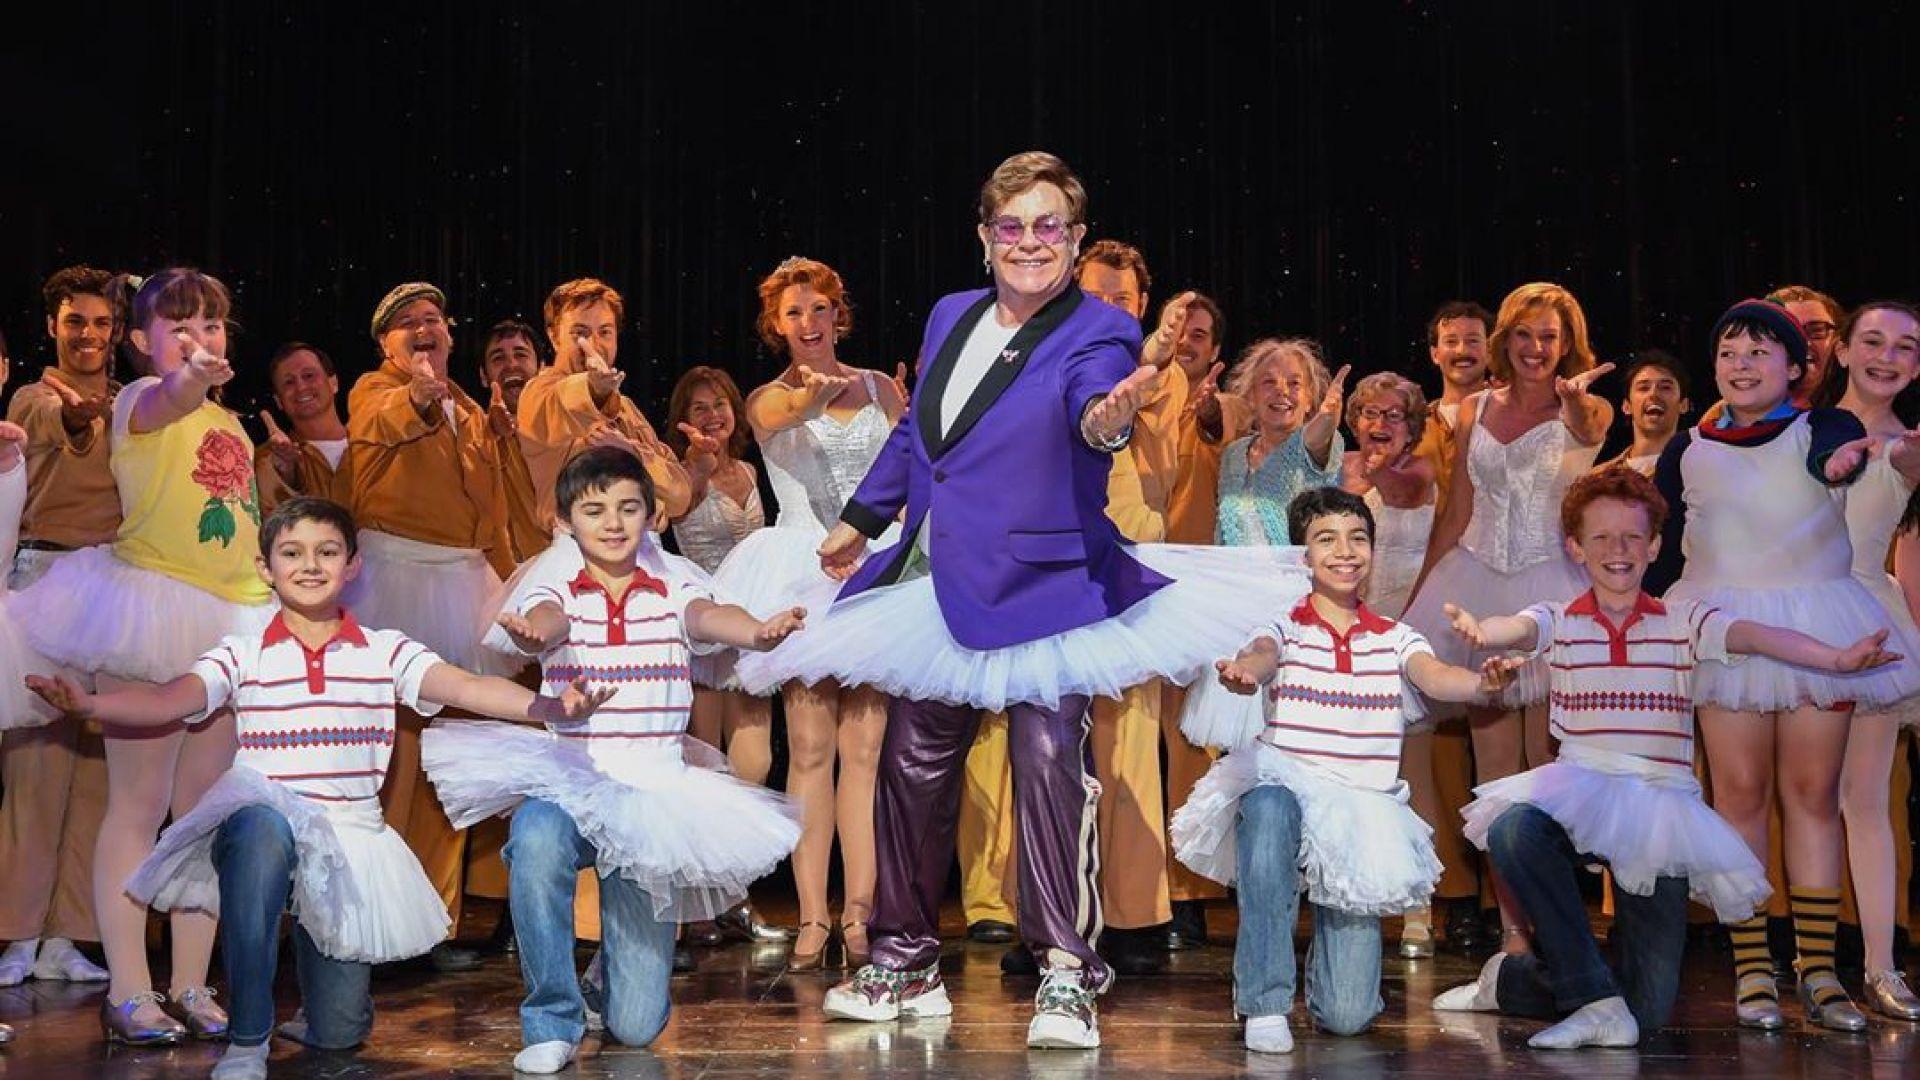 Елтън Джон се появи с пачка на сцената на австралийски театър